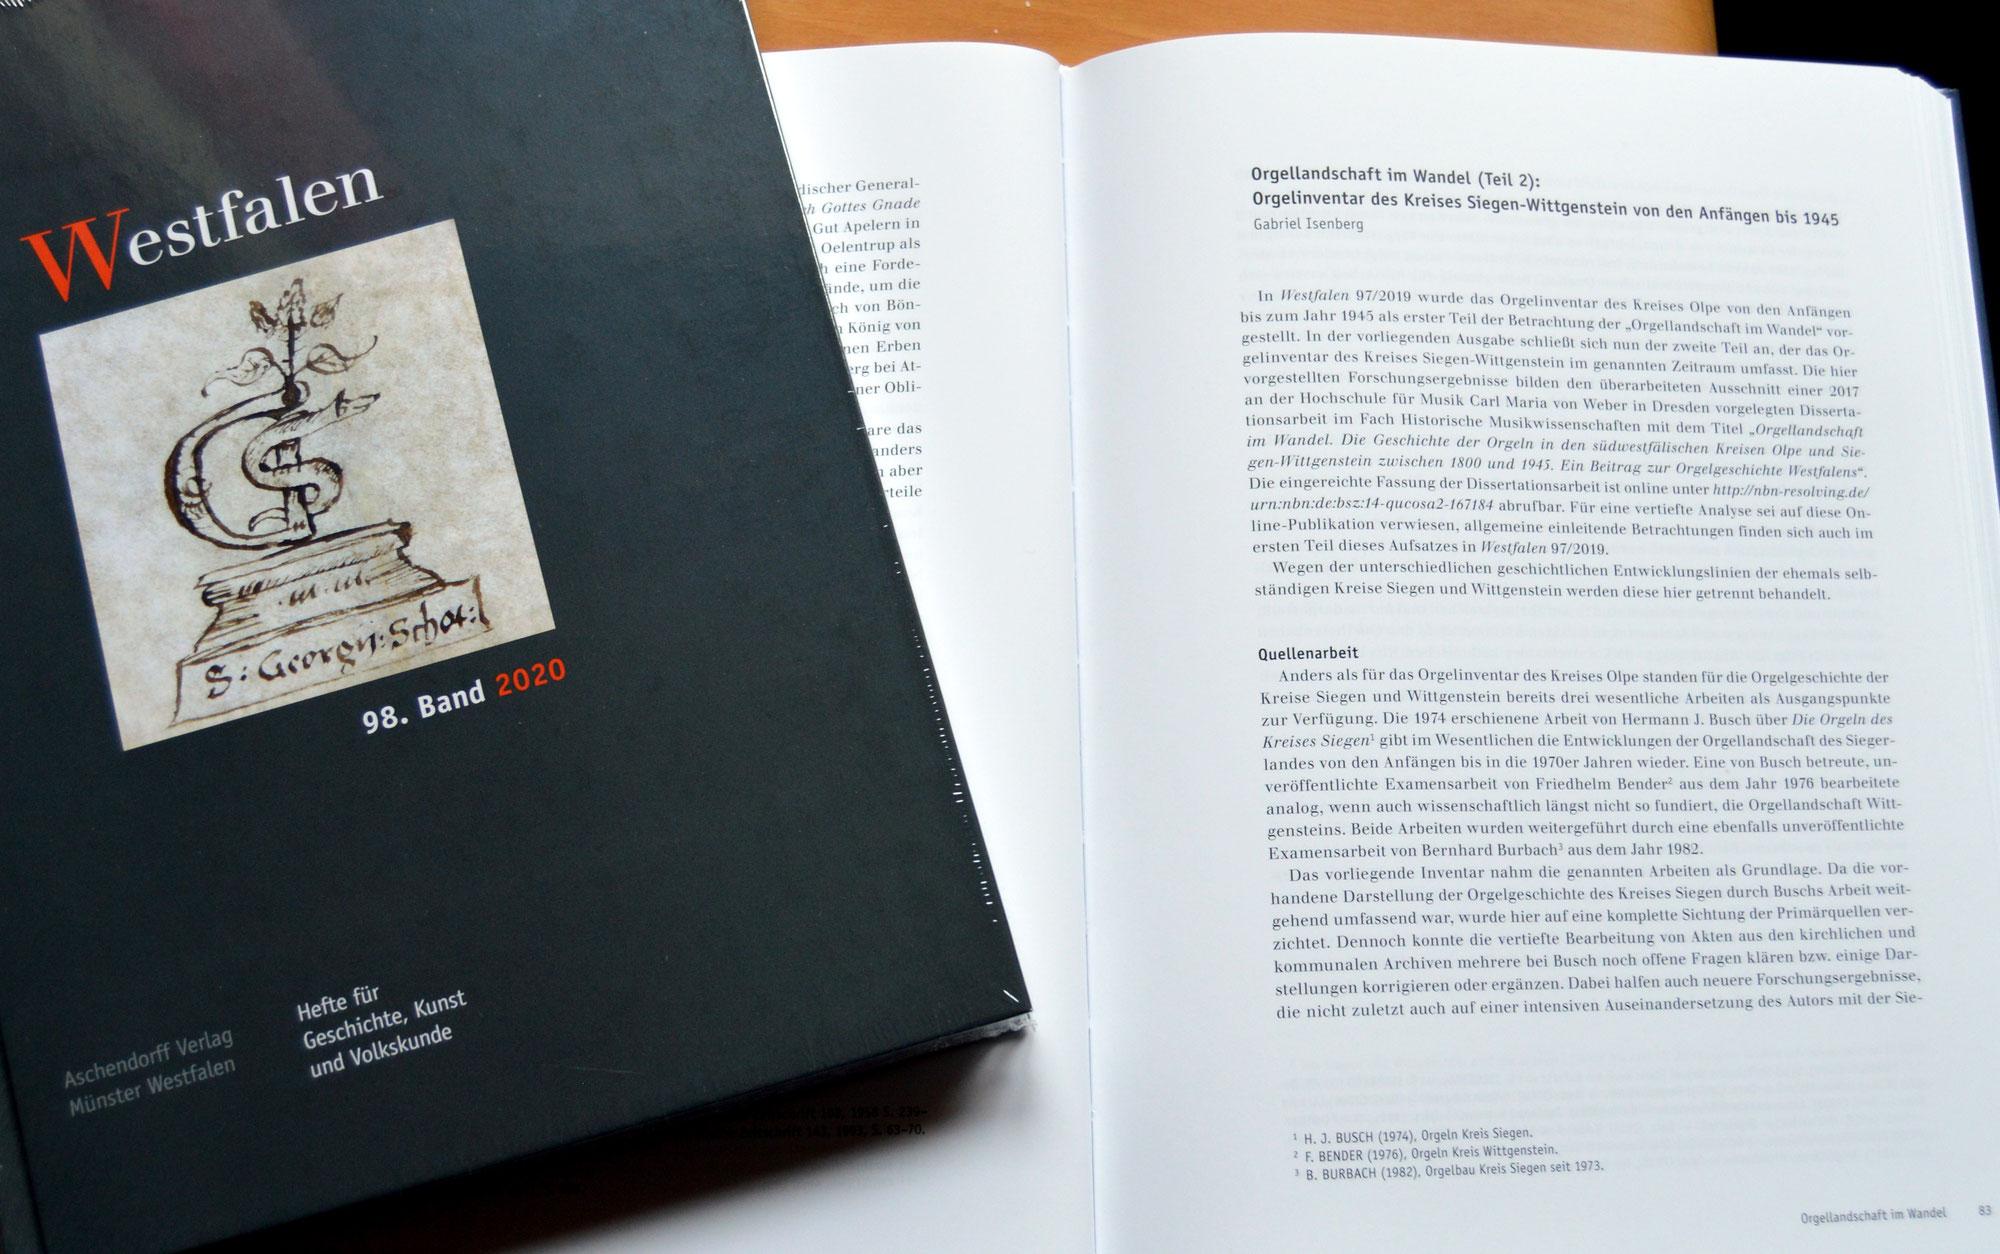 Fertig! Zweiter Teil der Dissertation jetzt in der Druckpublikation erschienen